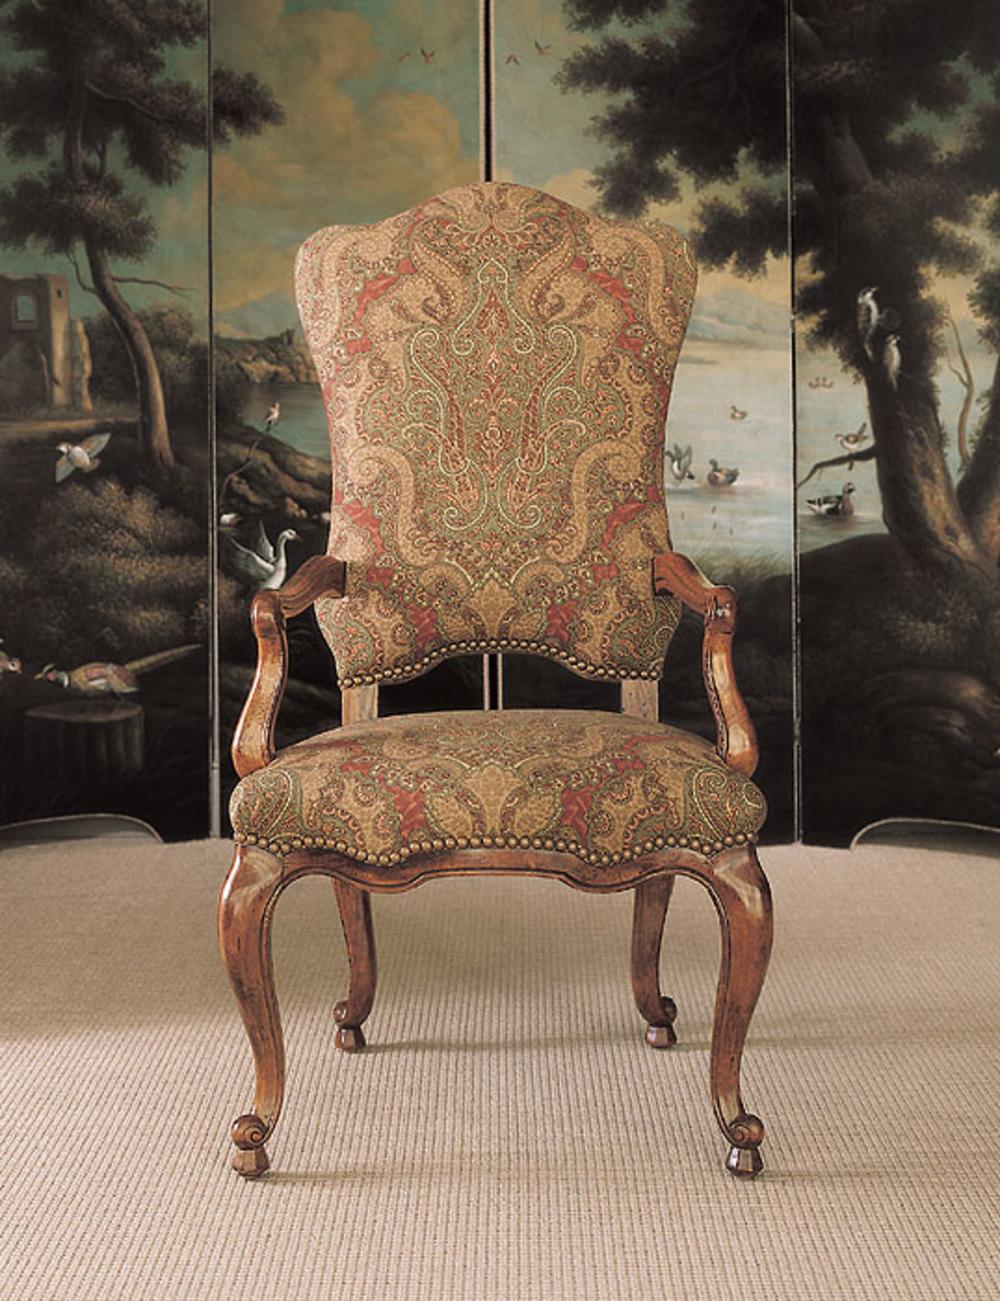 Century Furniture - Valasquez Arm Chair